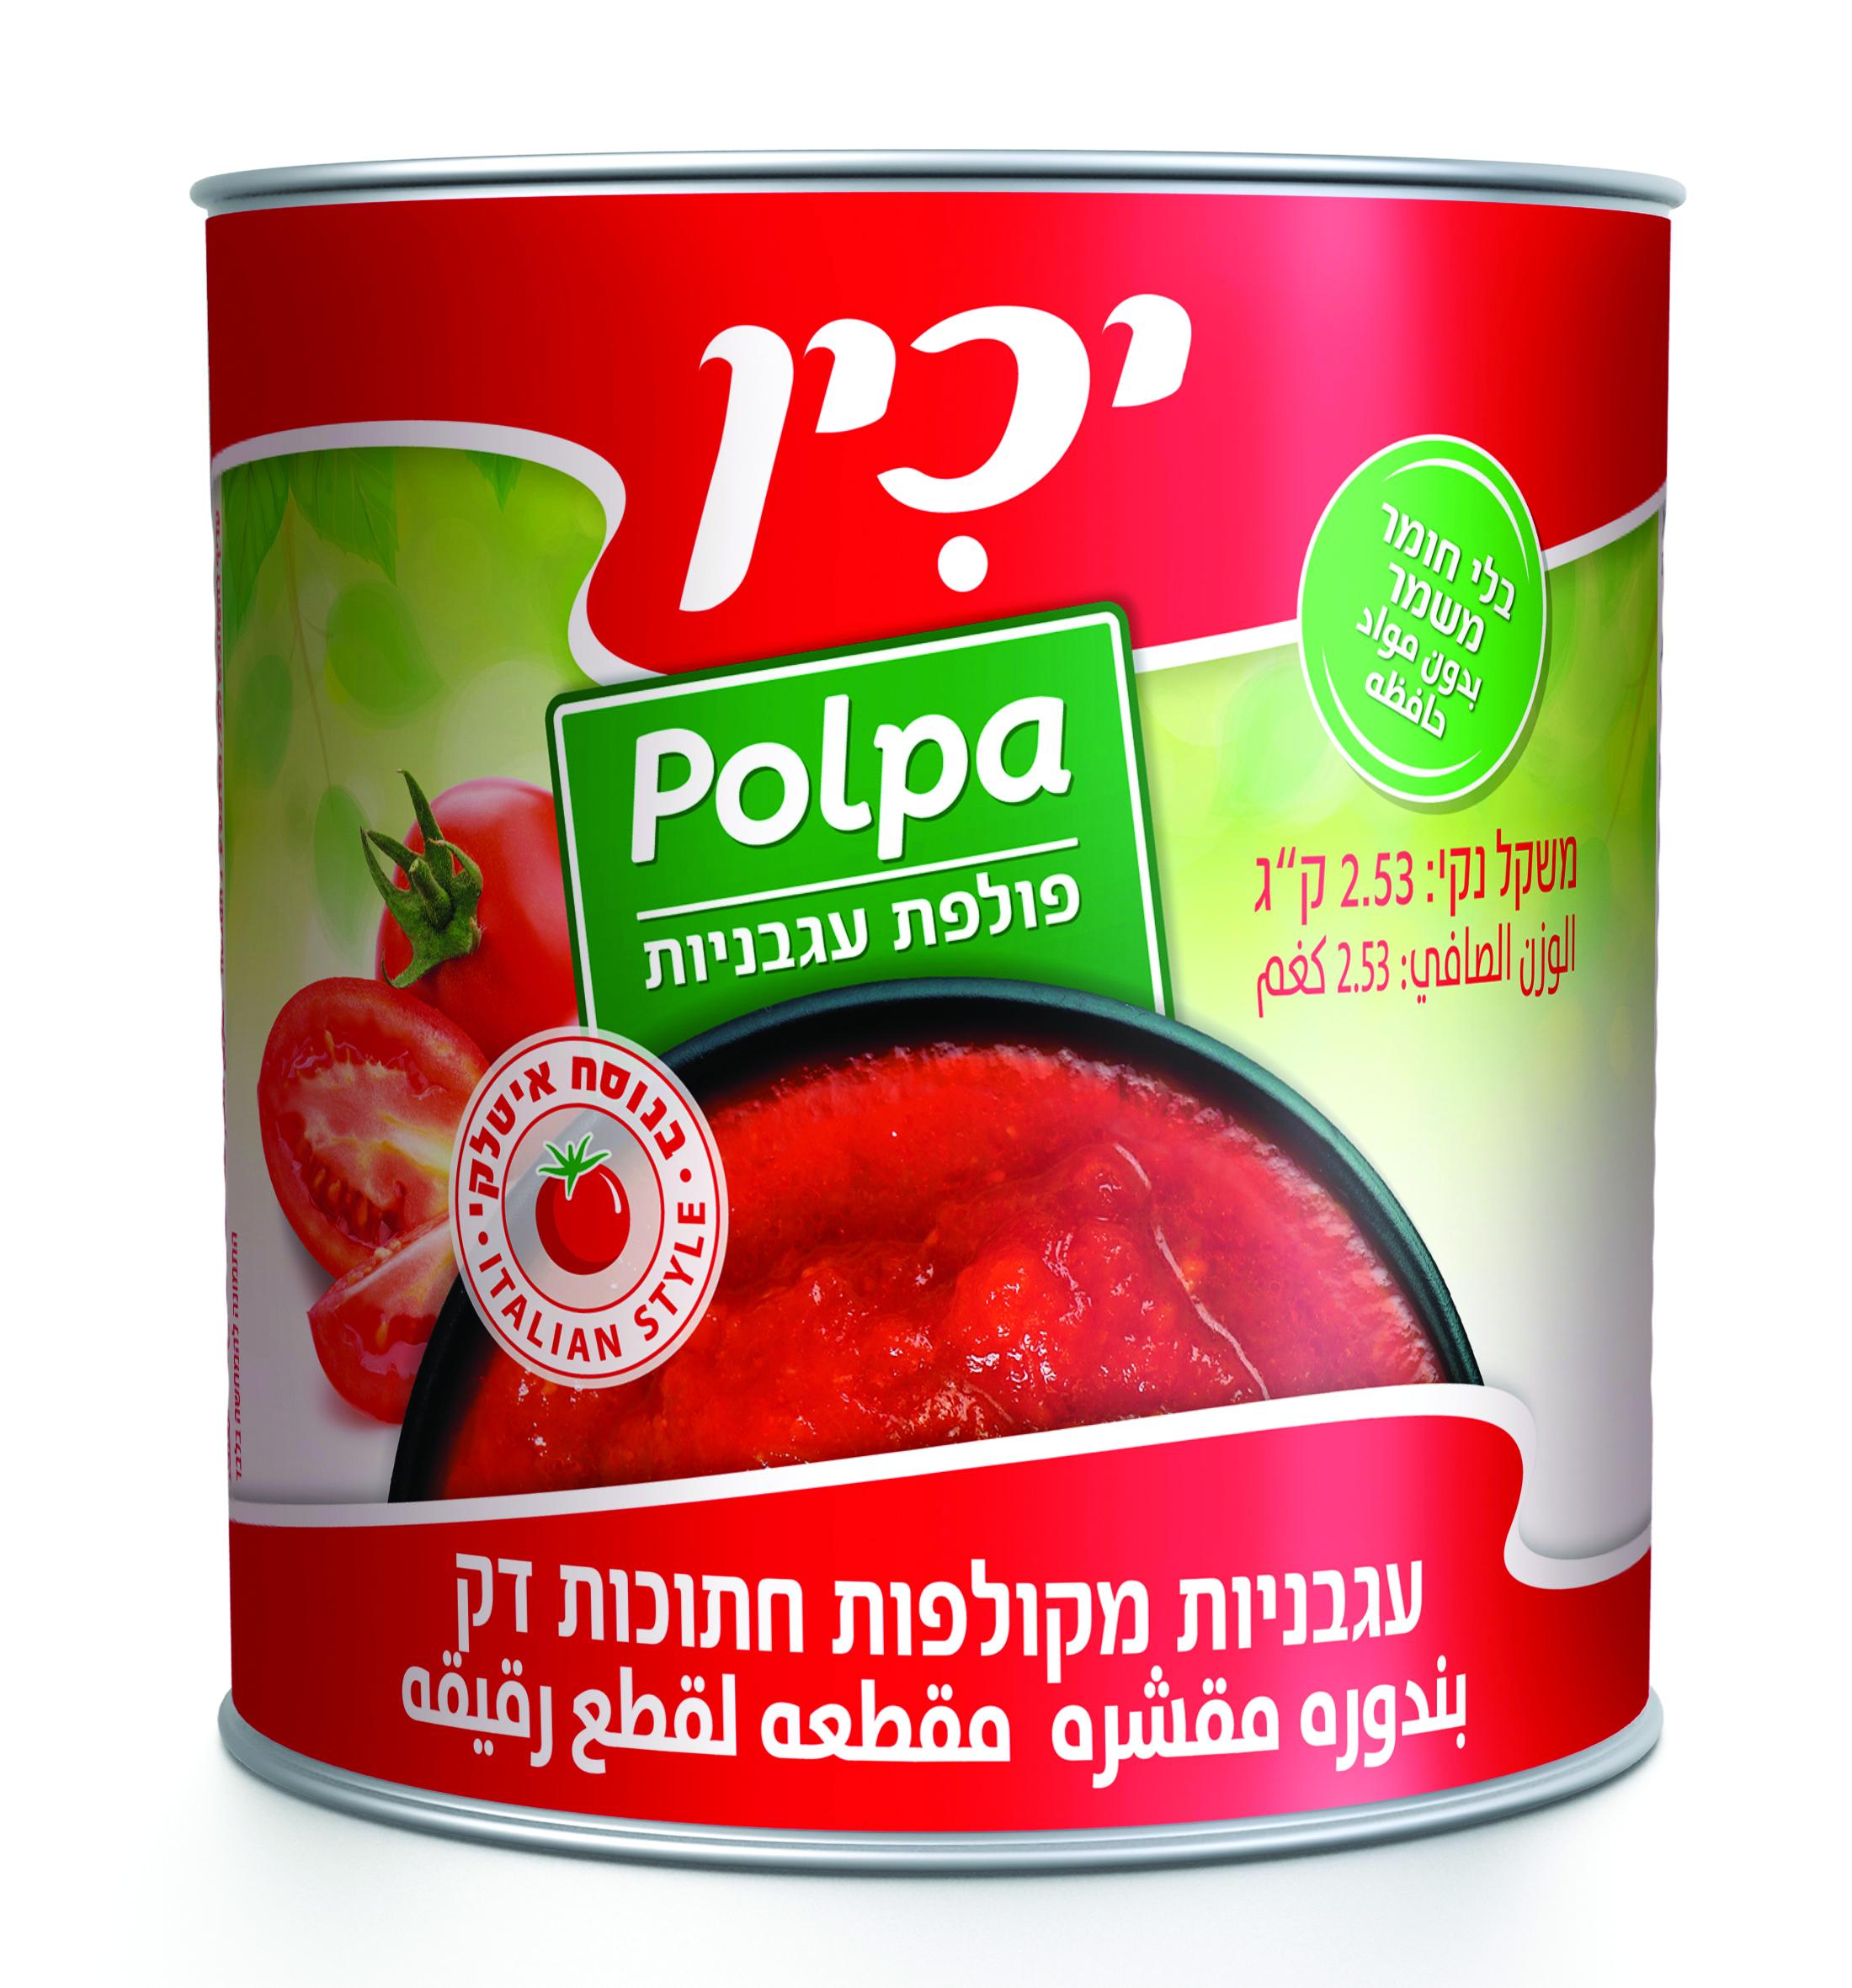 פולפת עגבניות בנוסח איטלקי יכין